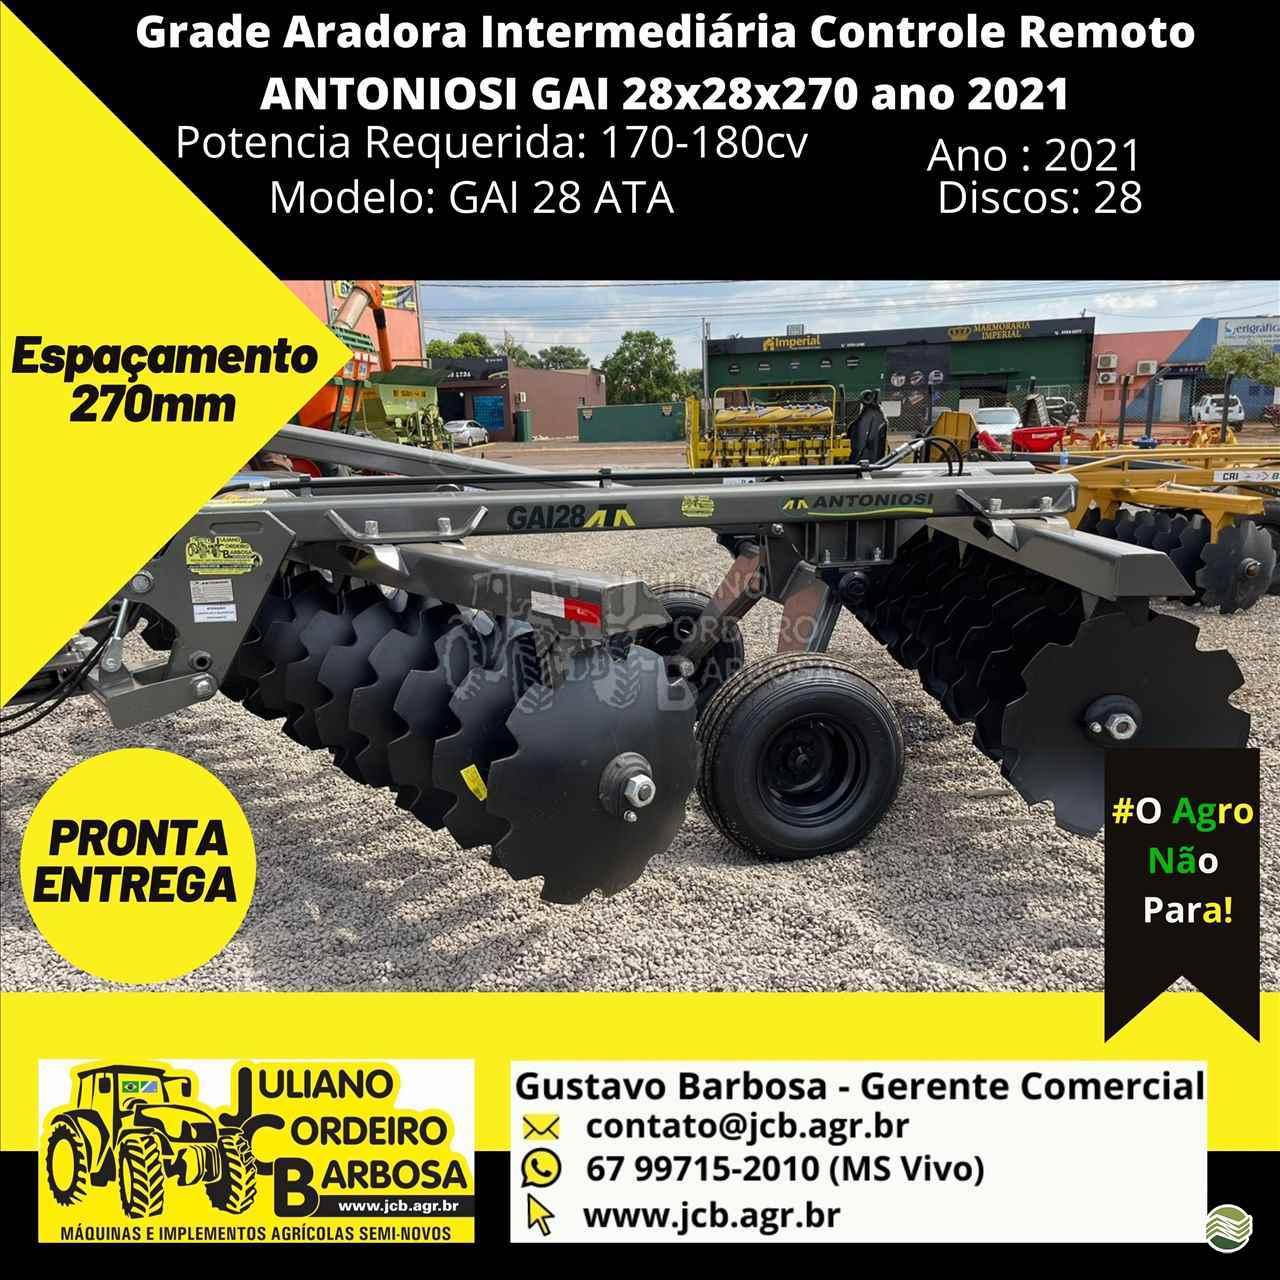 INTERMEDIÁRIA 28 DISCOS de JCB Máquinas e Implementos Agrícolas - MARACAJU/MS